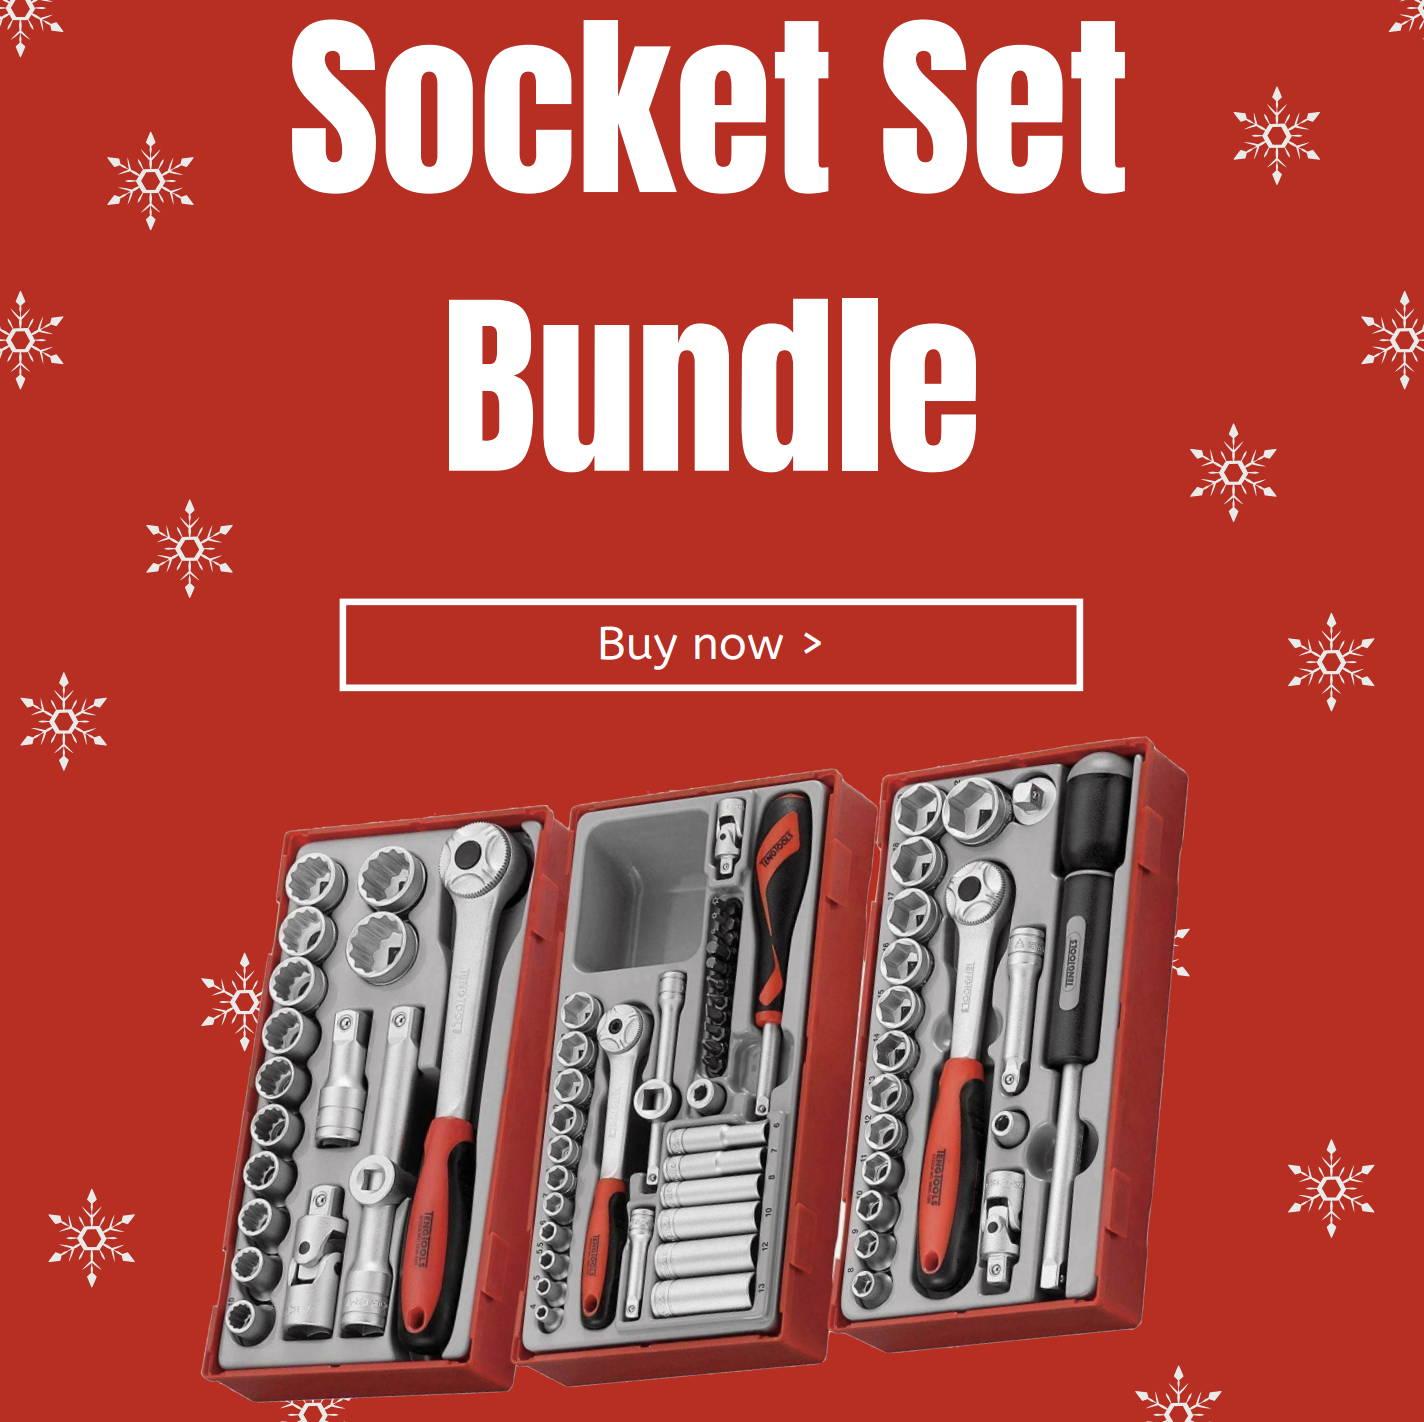 Socket Set Bundle